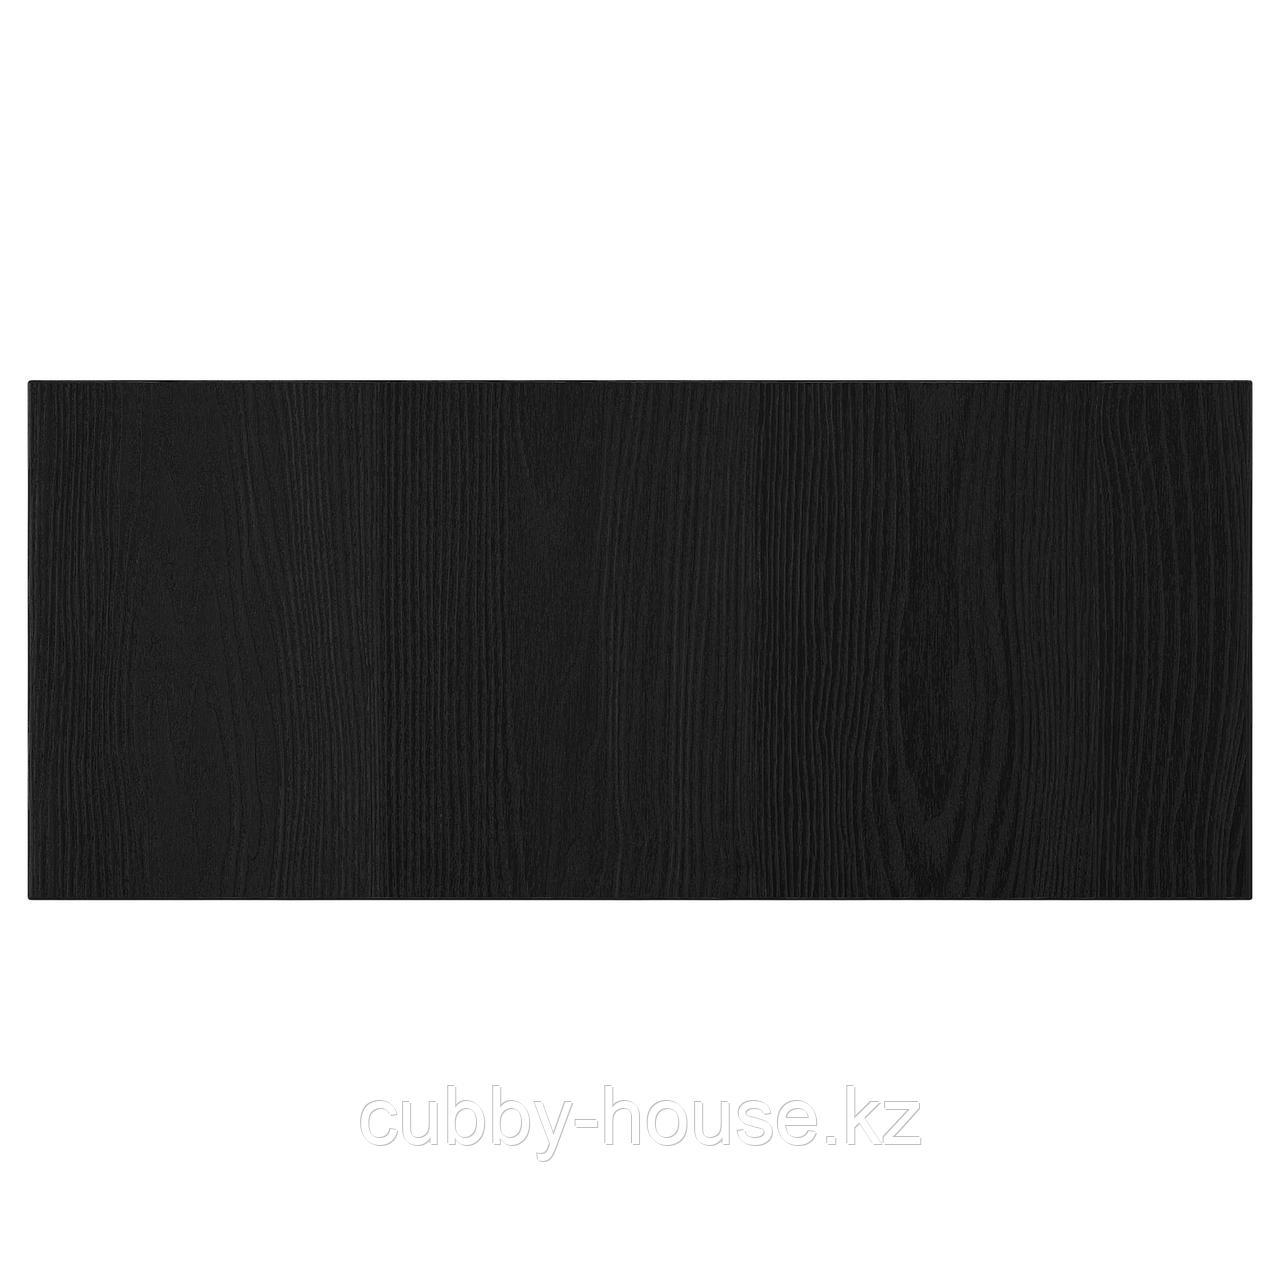 ТИММЕРВИКЕН Фронтальная панель ящика, черный, 60x26 см